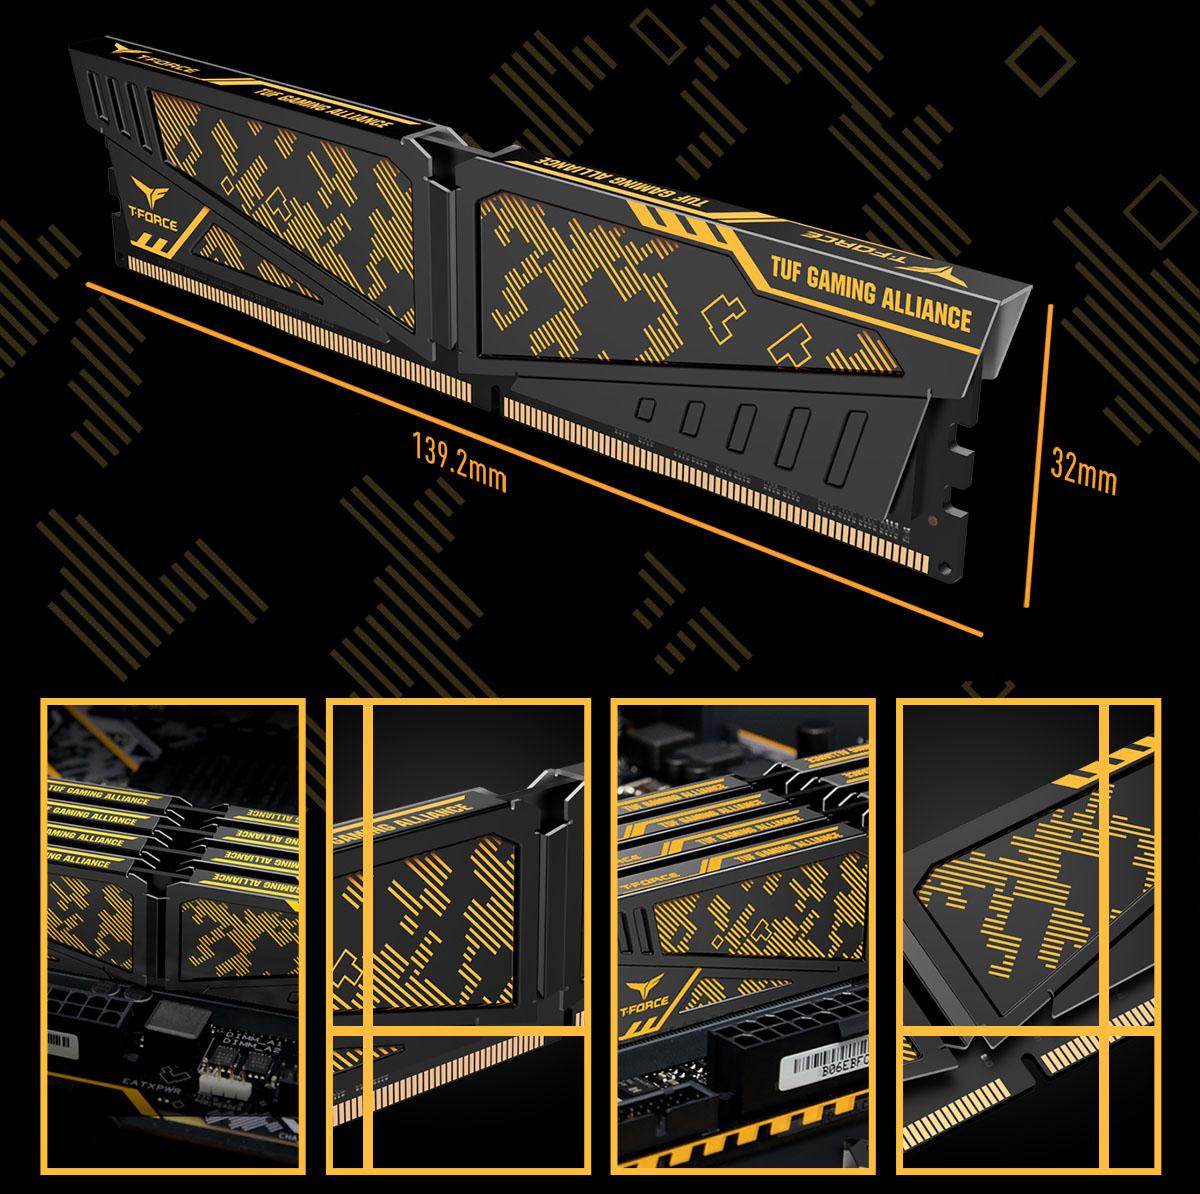 Khu vực tản nhiệt của RAM TEAM T-Force Vulcan TUF Gaming Alliance Yellow 8GB (8GBx1) Bus 3200 CL16 DDR4